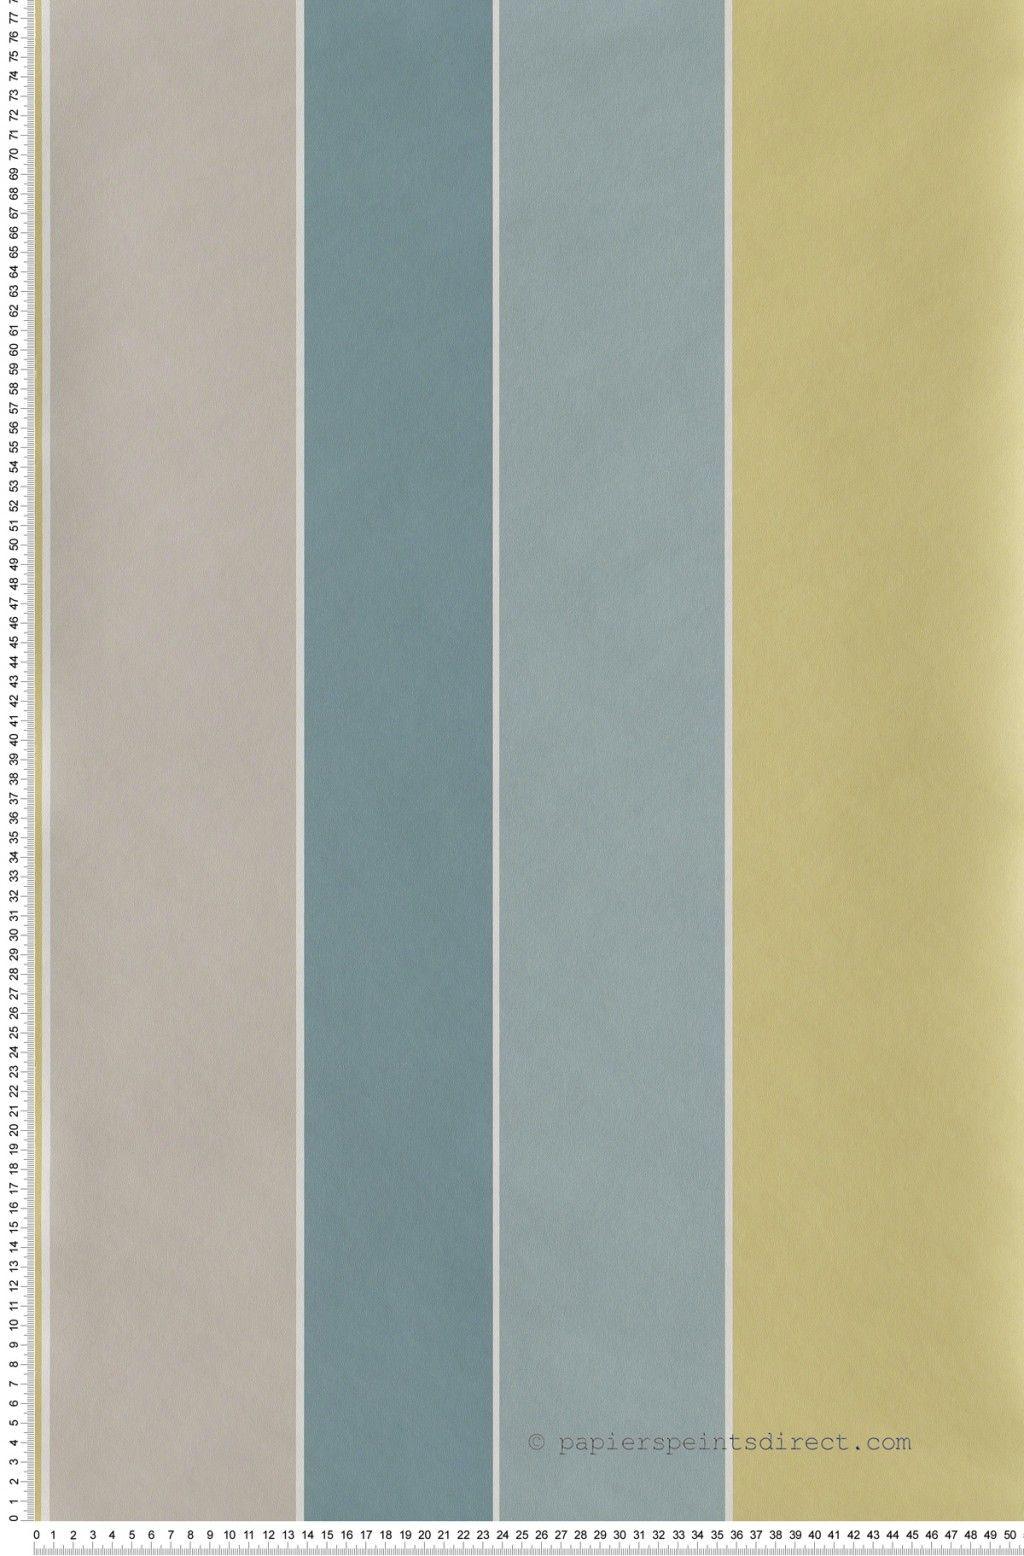 Papier Peint Rayures Larges Irregulieres Bleu Jaune Et Gri Lutece